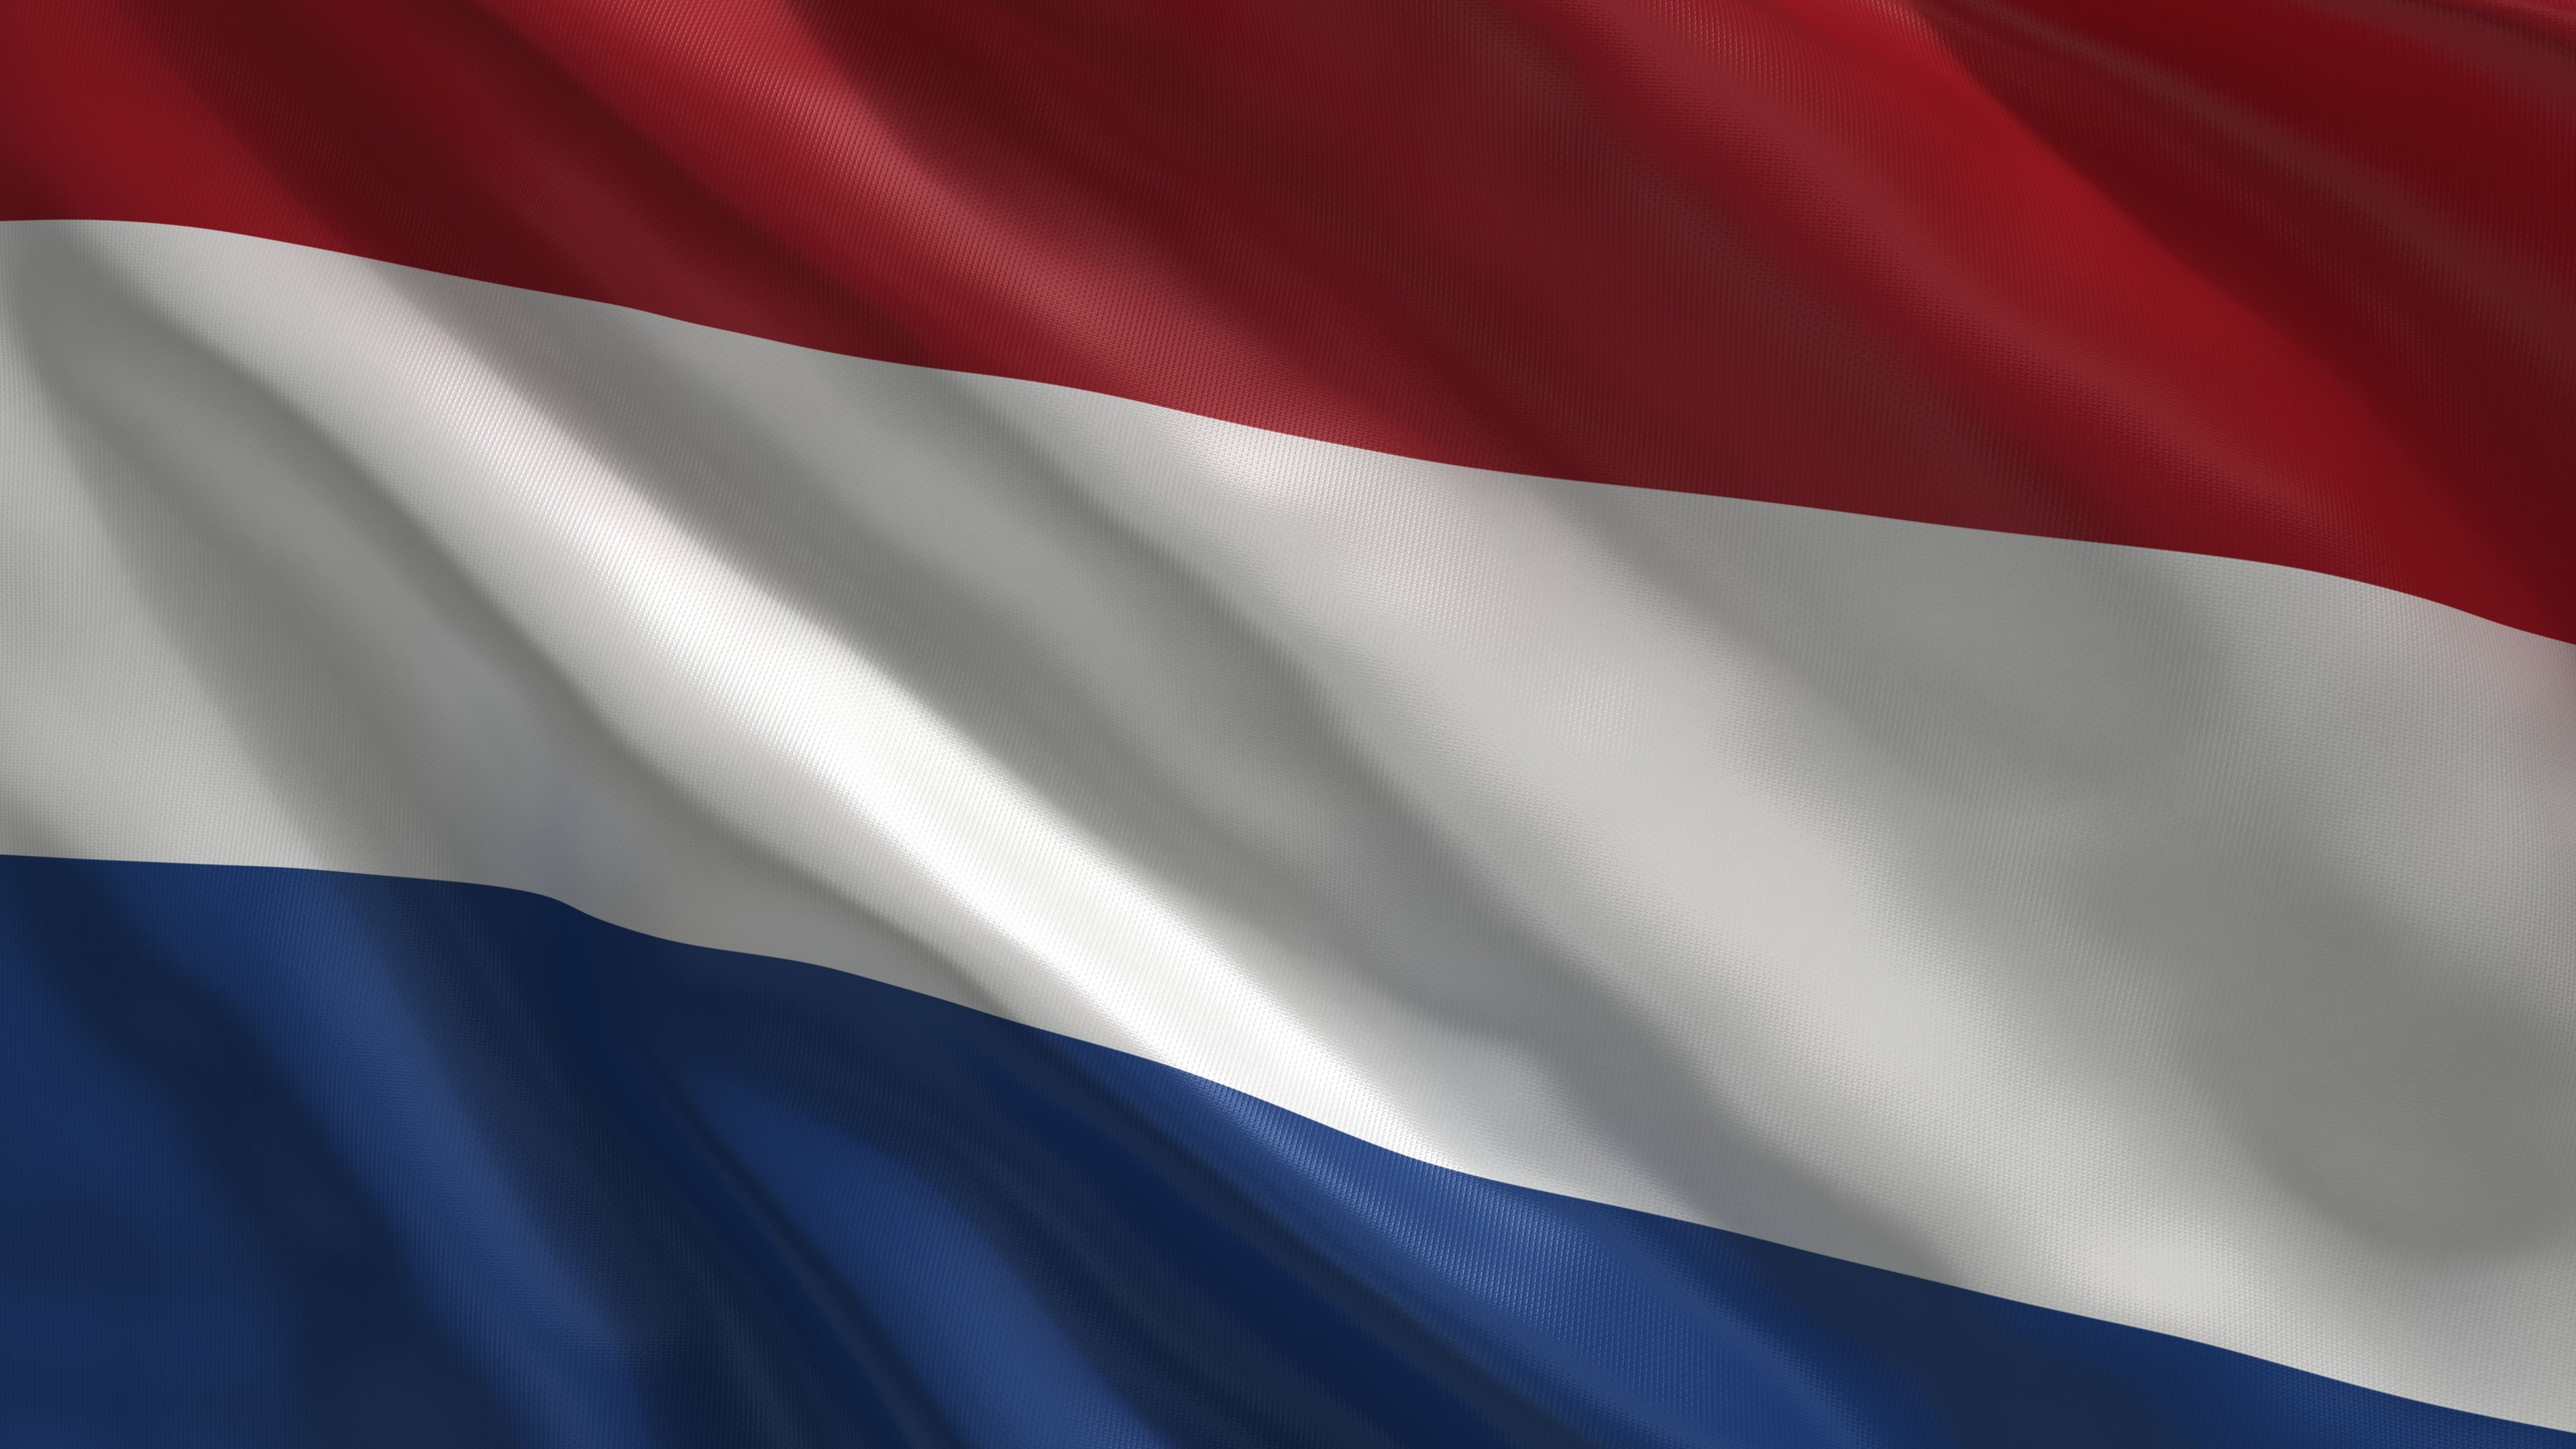 Bandera republica dominicana flag bandera republica dominicana